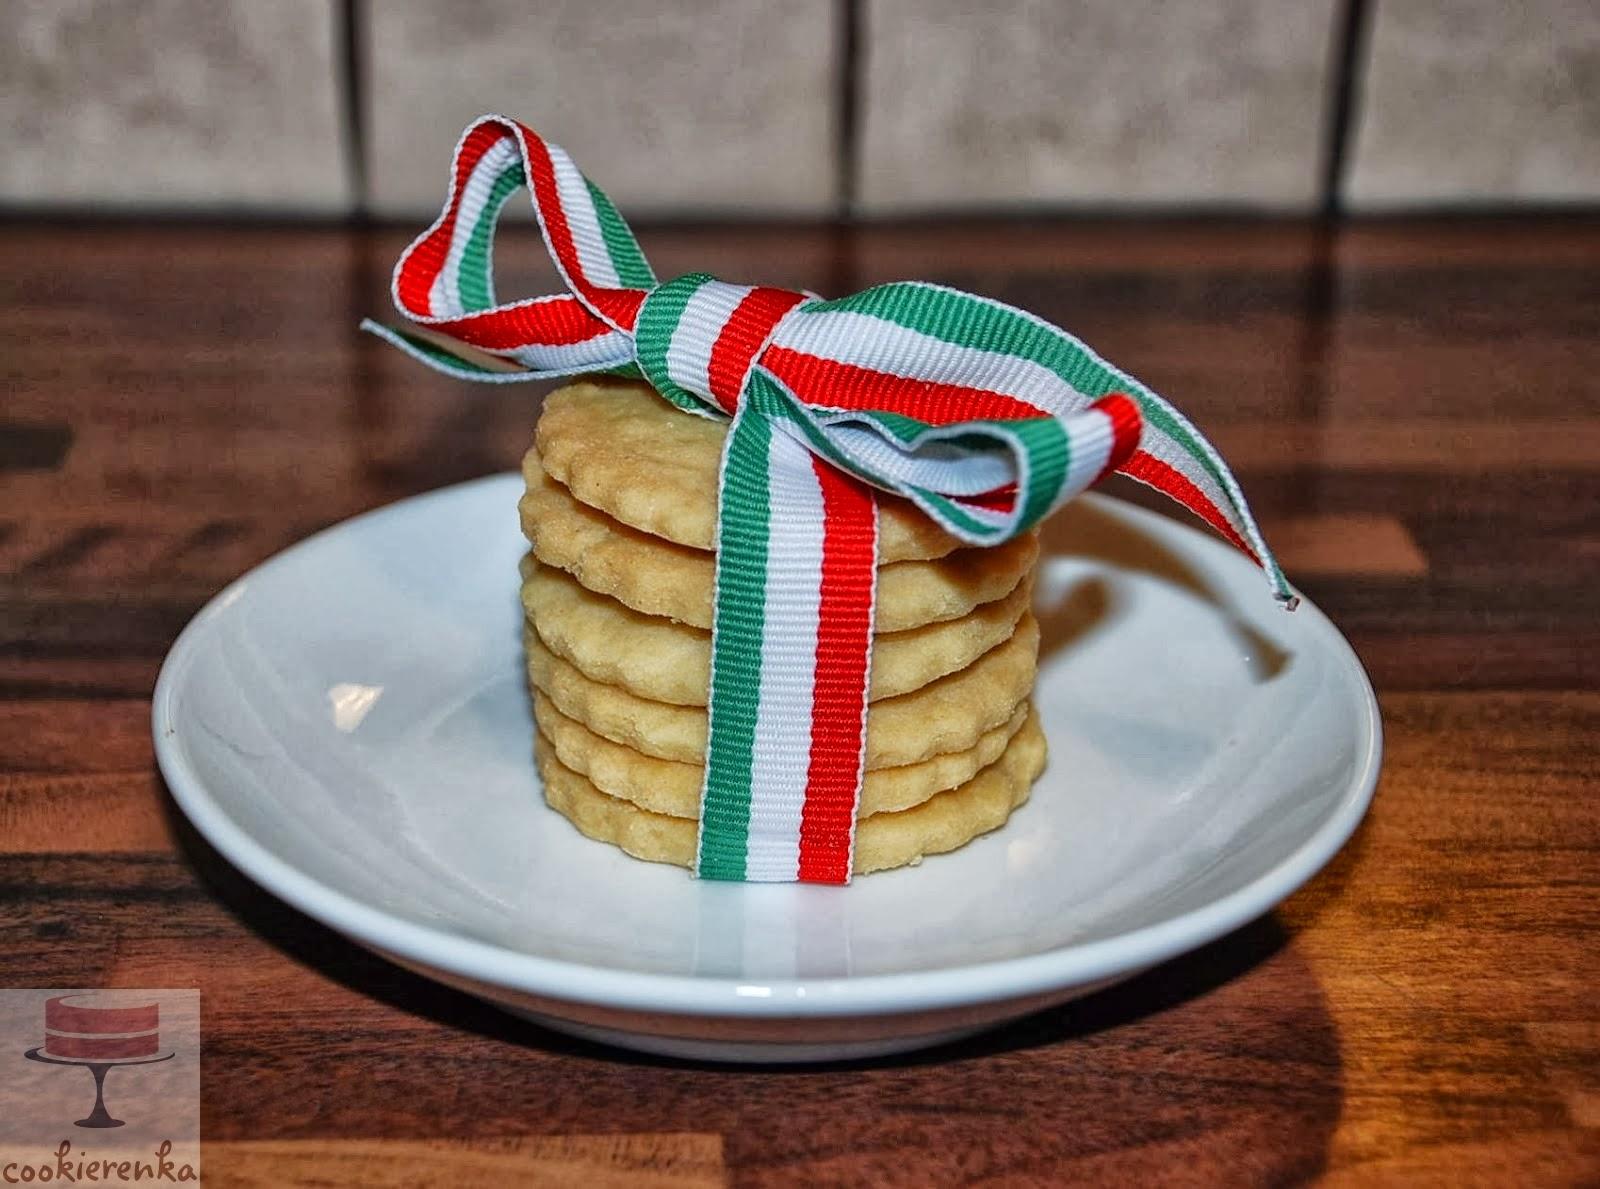 http://www.cookierenka.com/2013/10/proste-ciasteczka-maslane.html